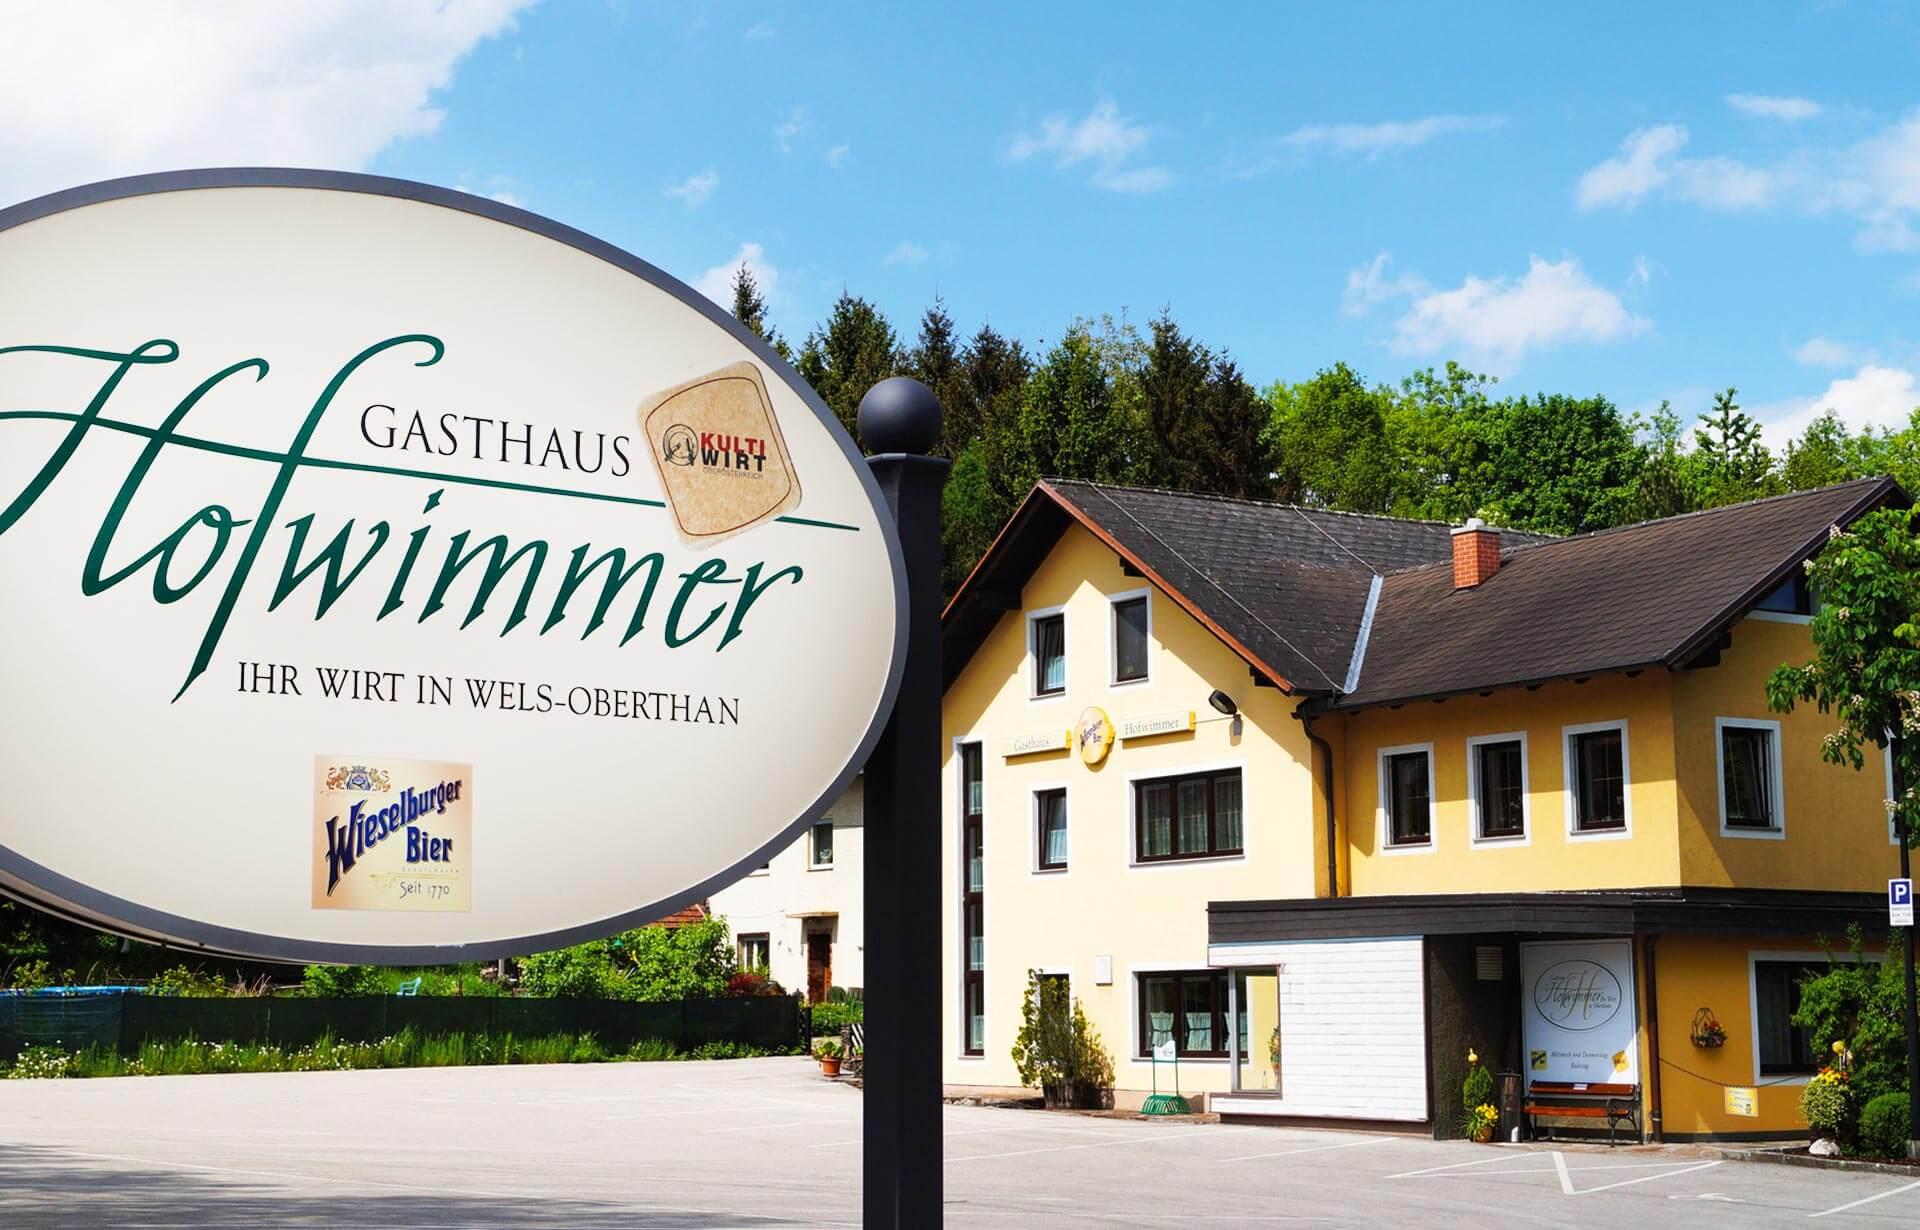 Gasthaus_Hofwimmer_haus_neu-web